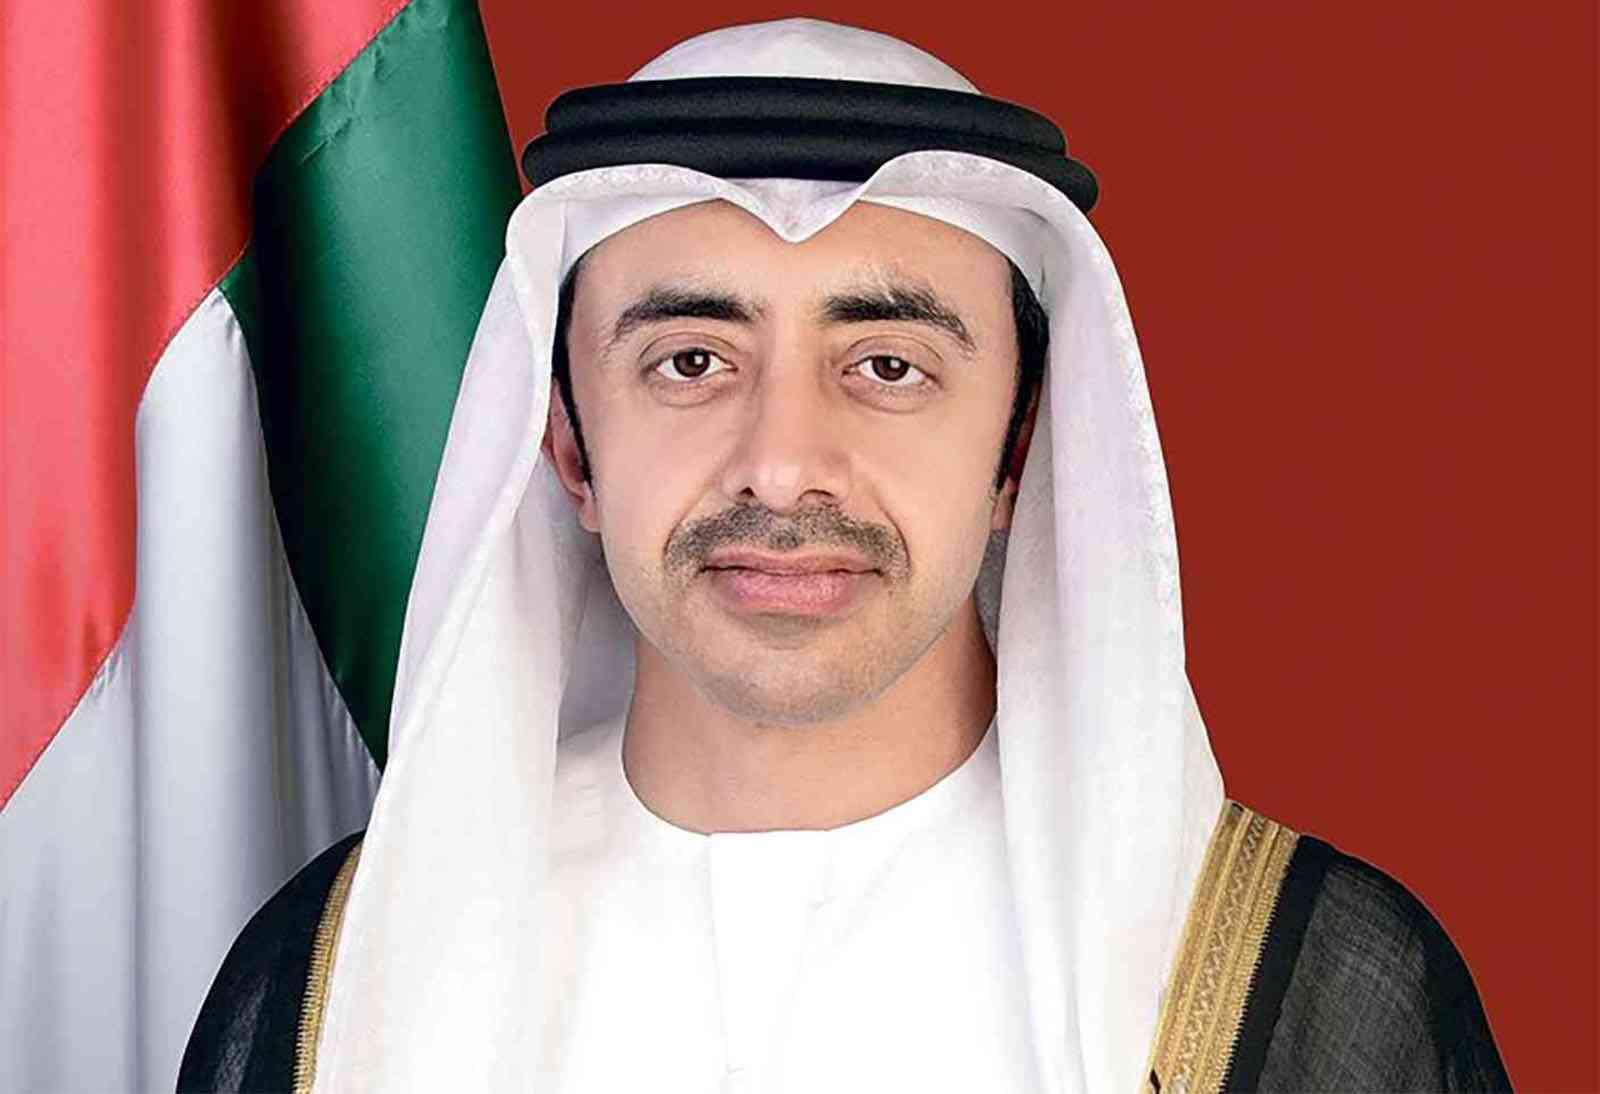 عبدالله بن زايد يشارك في اجتماع افتراضي مع وزراء خارجية أمريكا والهند وإسرائيل